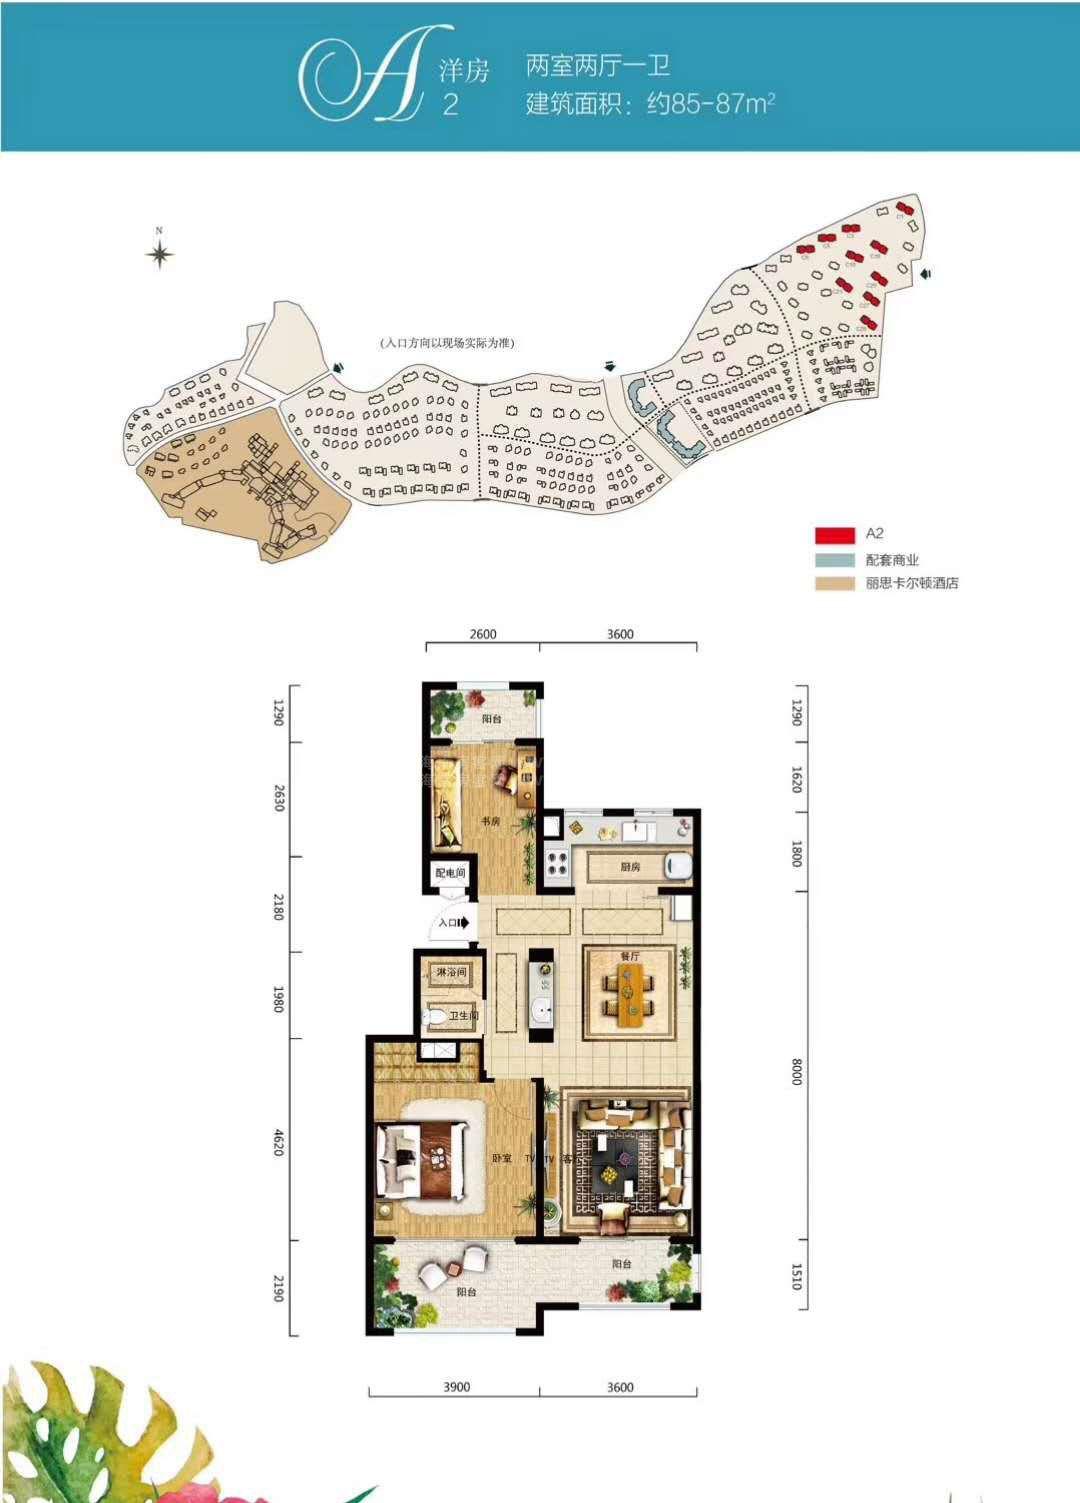 洋房A2 两室两厅一卫 建筑面积约85-87㎡